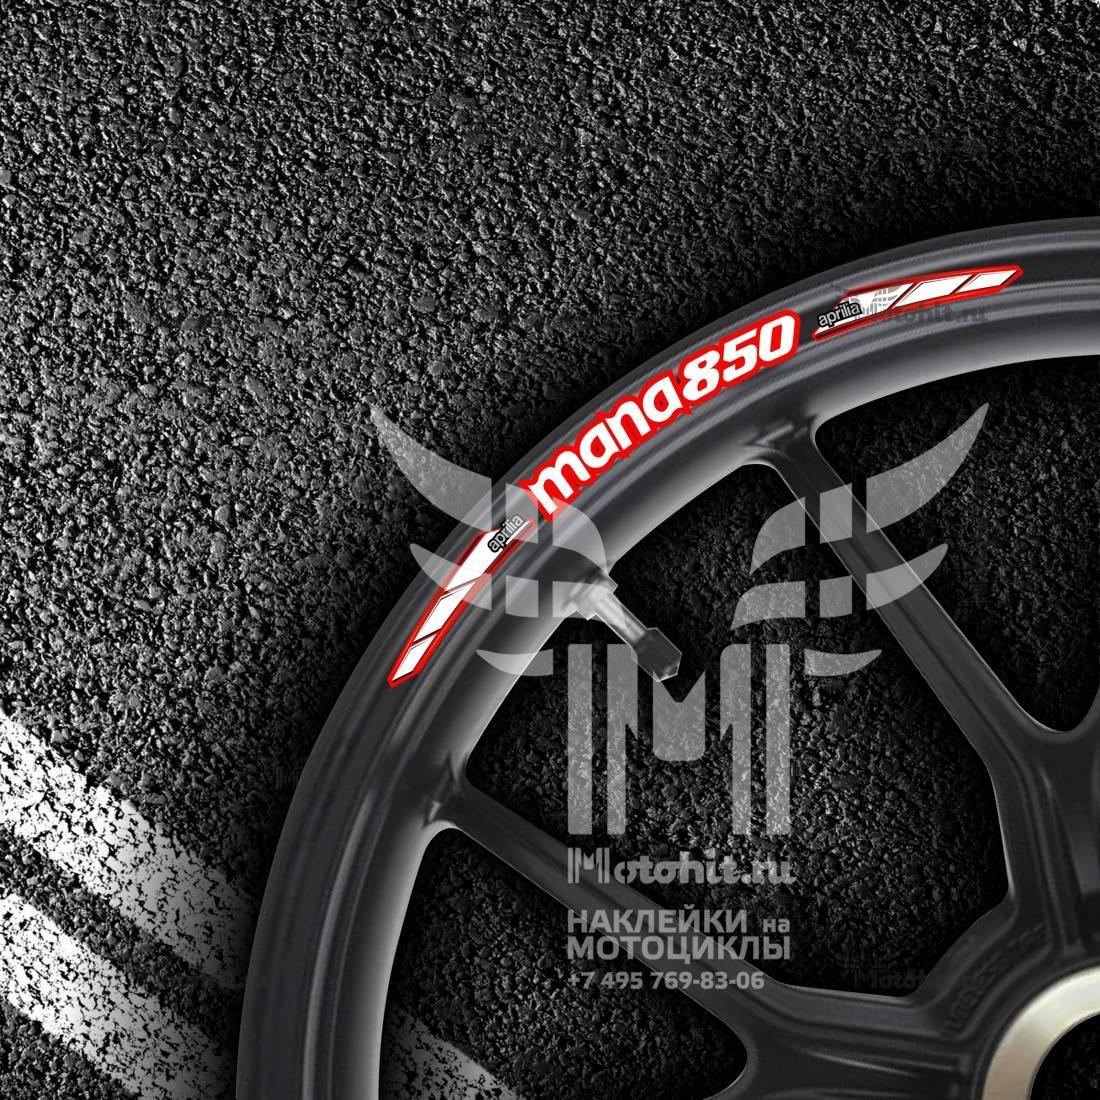 Комплект наклеек на обод колеса мотоцикла APRILIA MANA-850